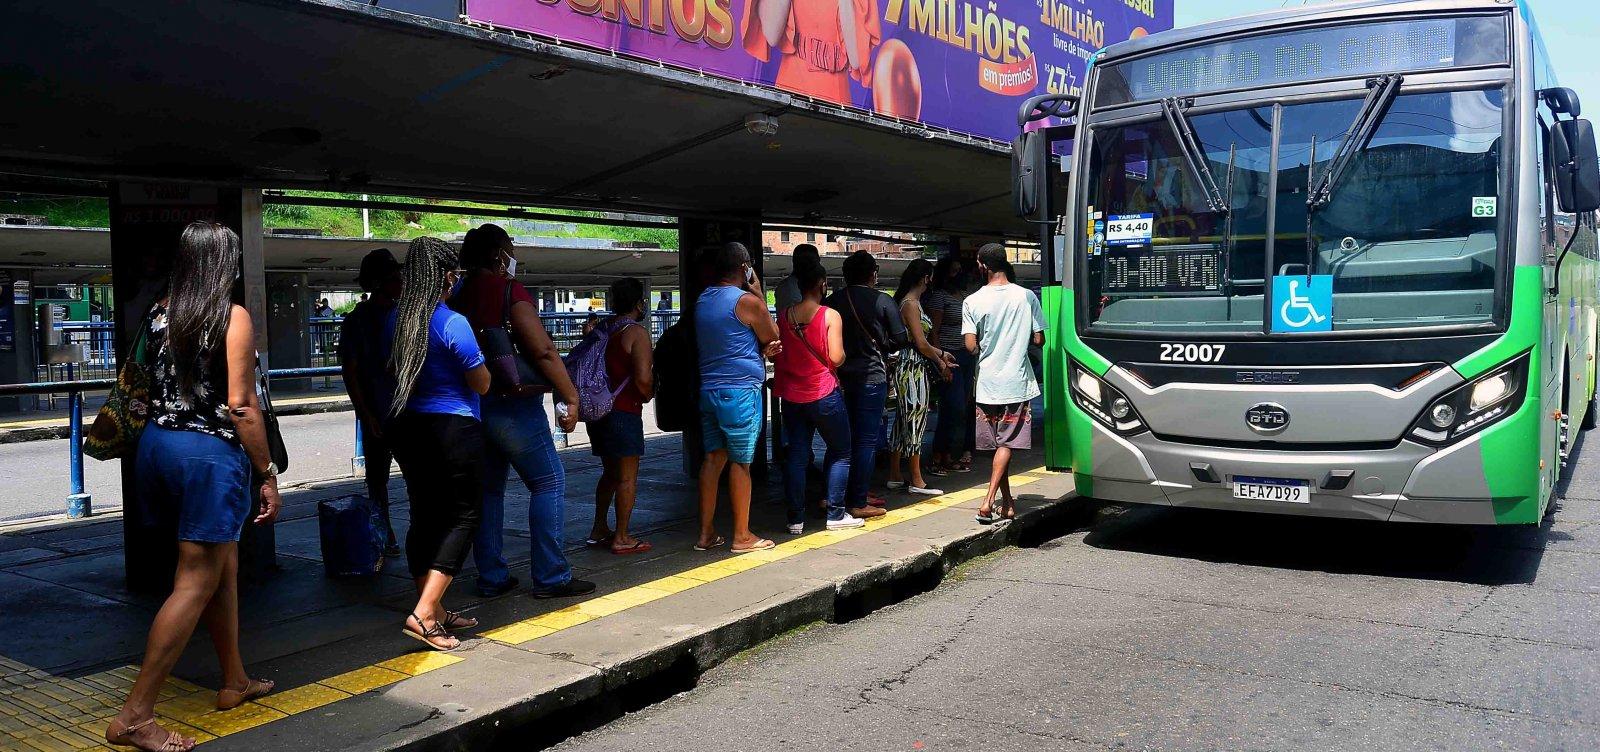 Testes com ônibus elétricos para BRT começam em linhas da Lapa e Estação Pirajá, em Salvador